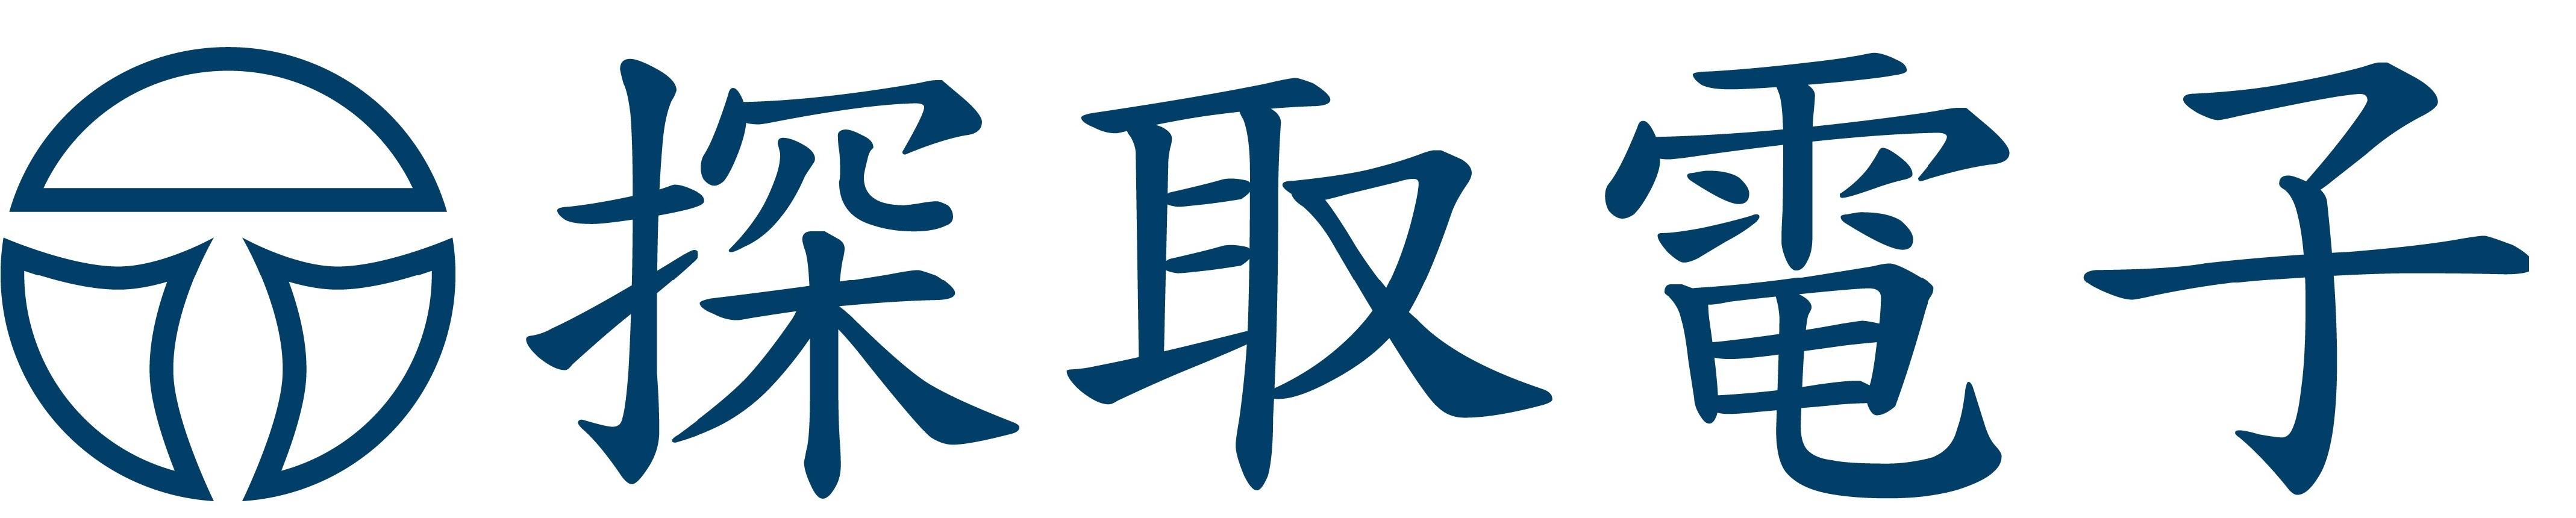 logo(最新版)-7.jpg